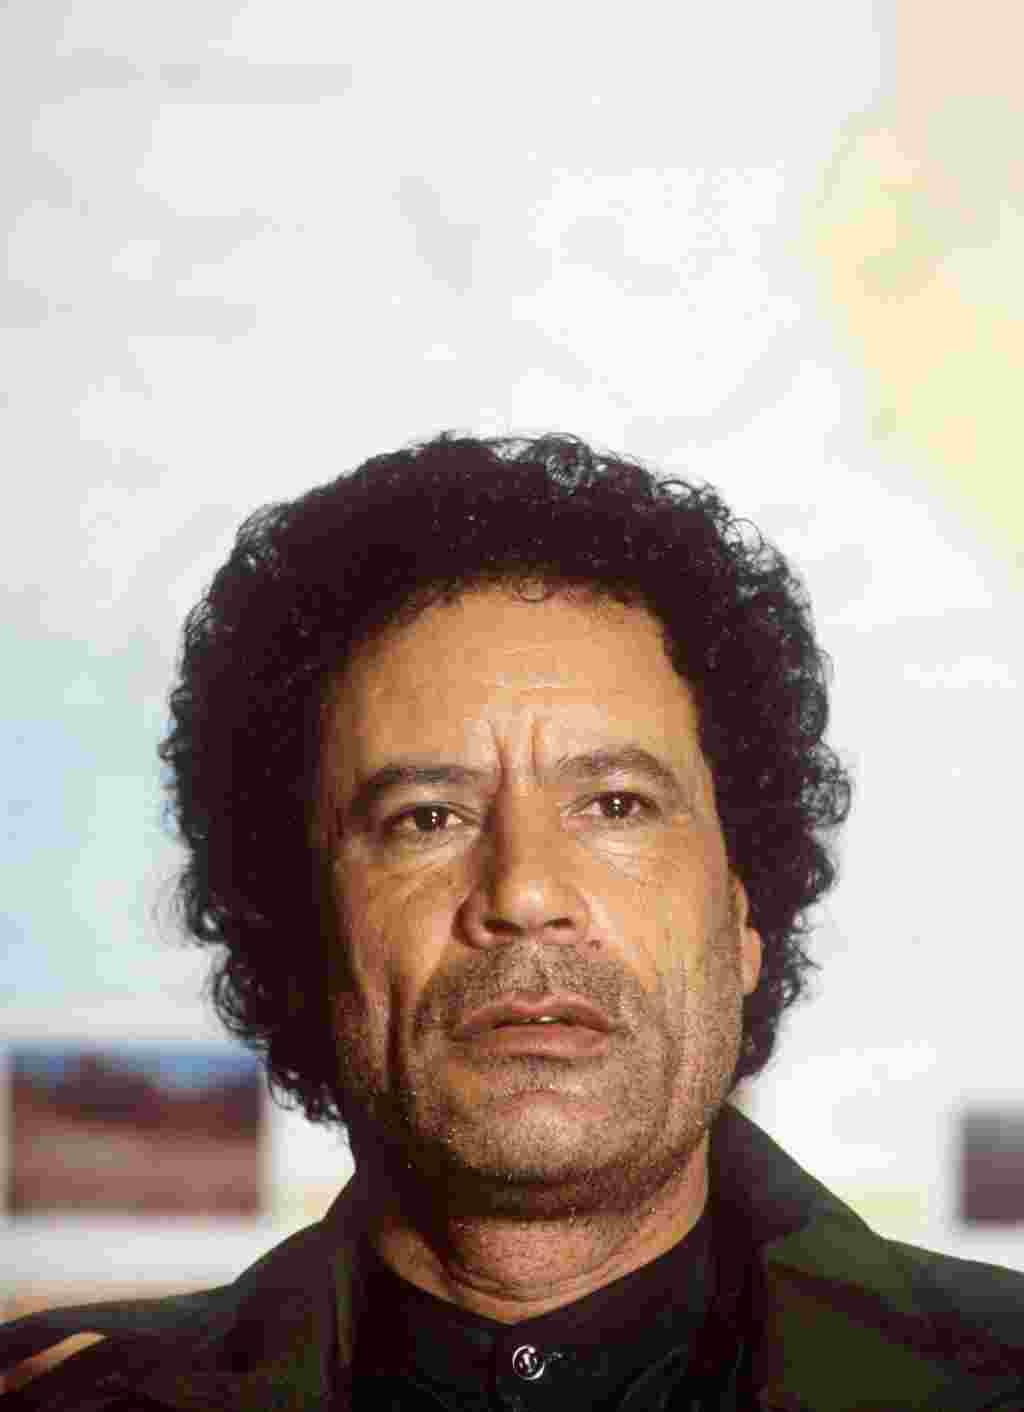 در این عکس معمر قذافی که خسته بنظر میرسد در ۲ فوریه ۱۹۸۶ در طرابلس با خبرنگاران که در اجلاس فرماندهی عالی نیروهای انقلابی کشورهای عرب حضور داشتند گفت و گو میکند.